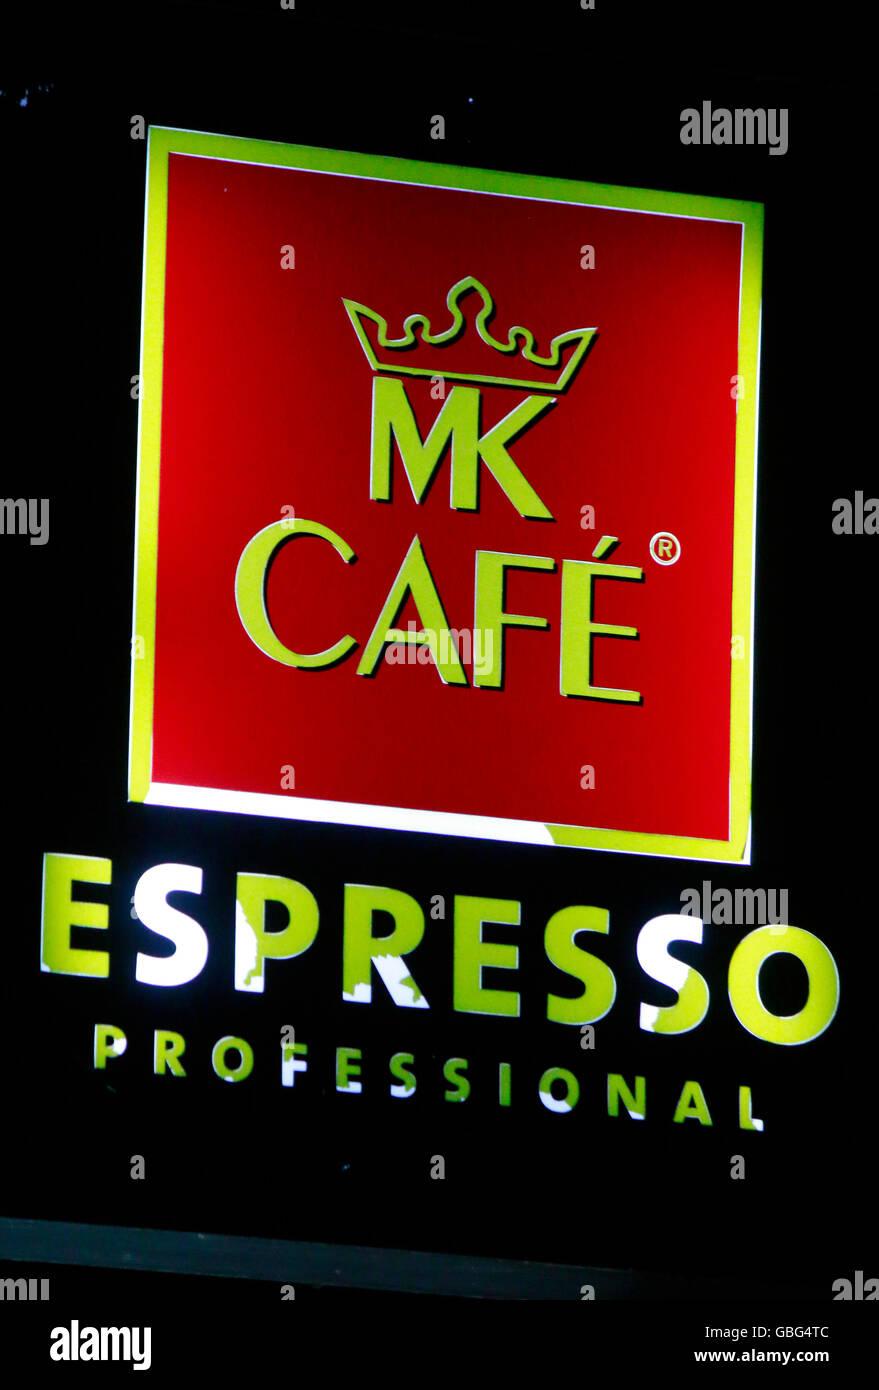 das Logo der Marke 'MK Cafe Espresso', Swinemuende, Polen. - Stock Image